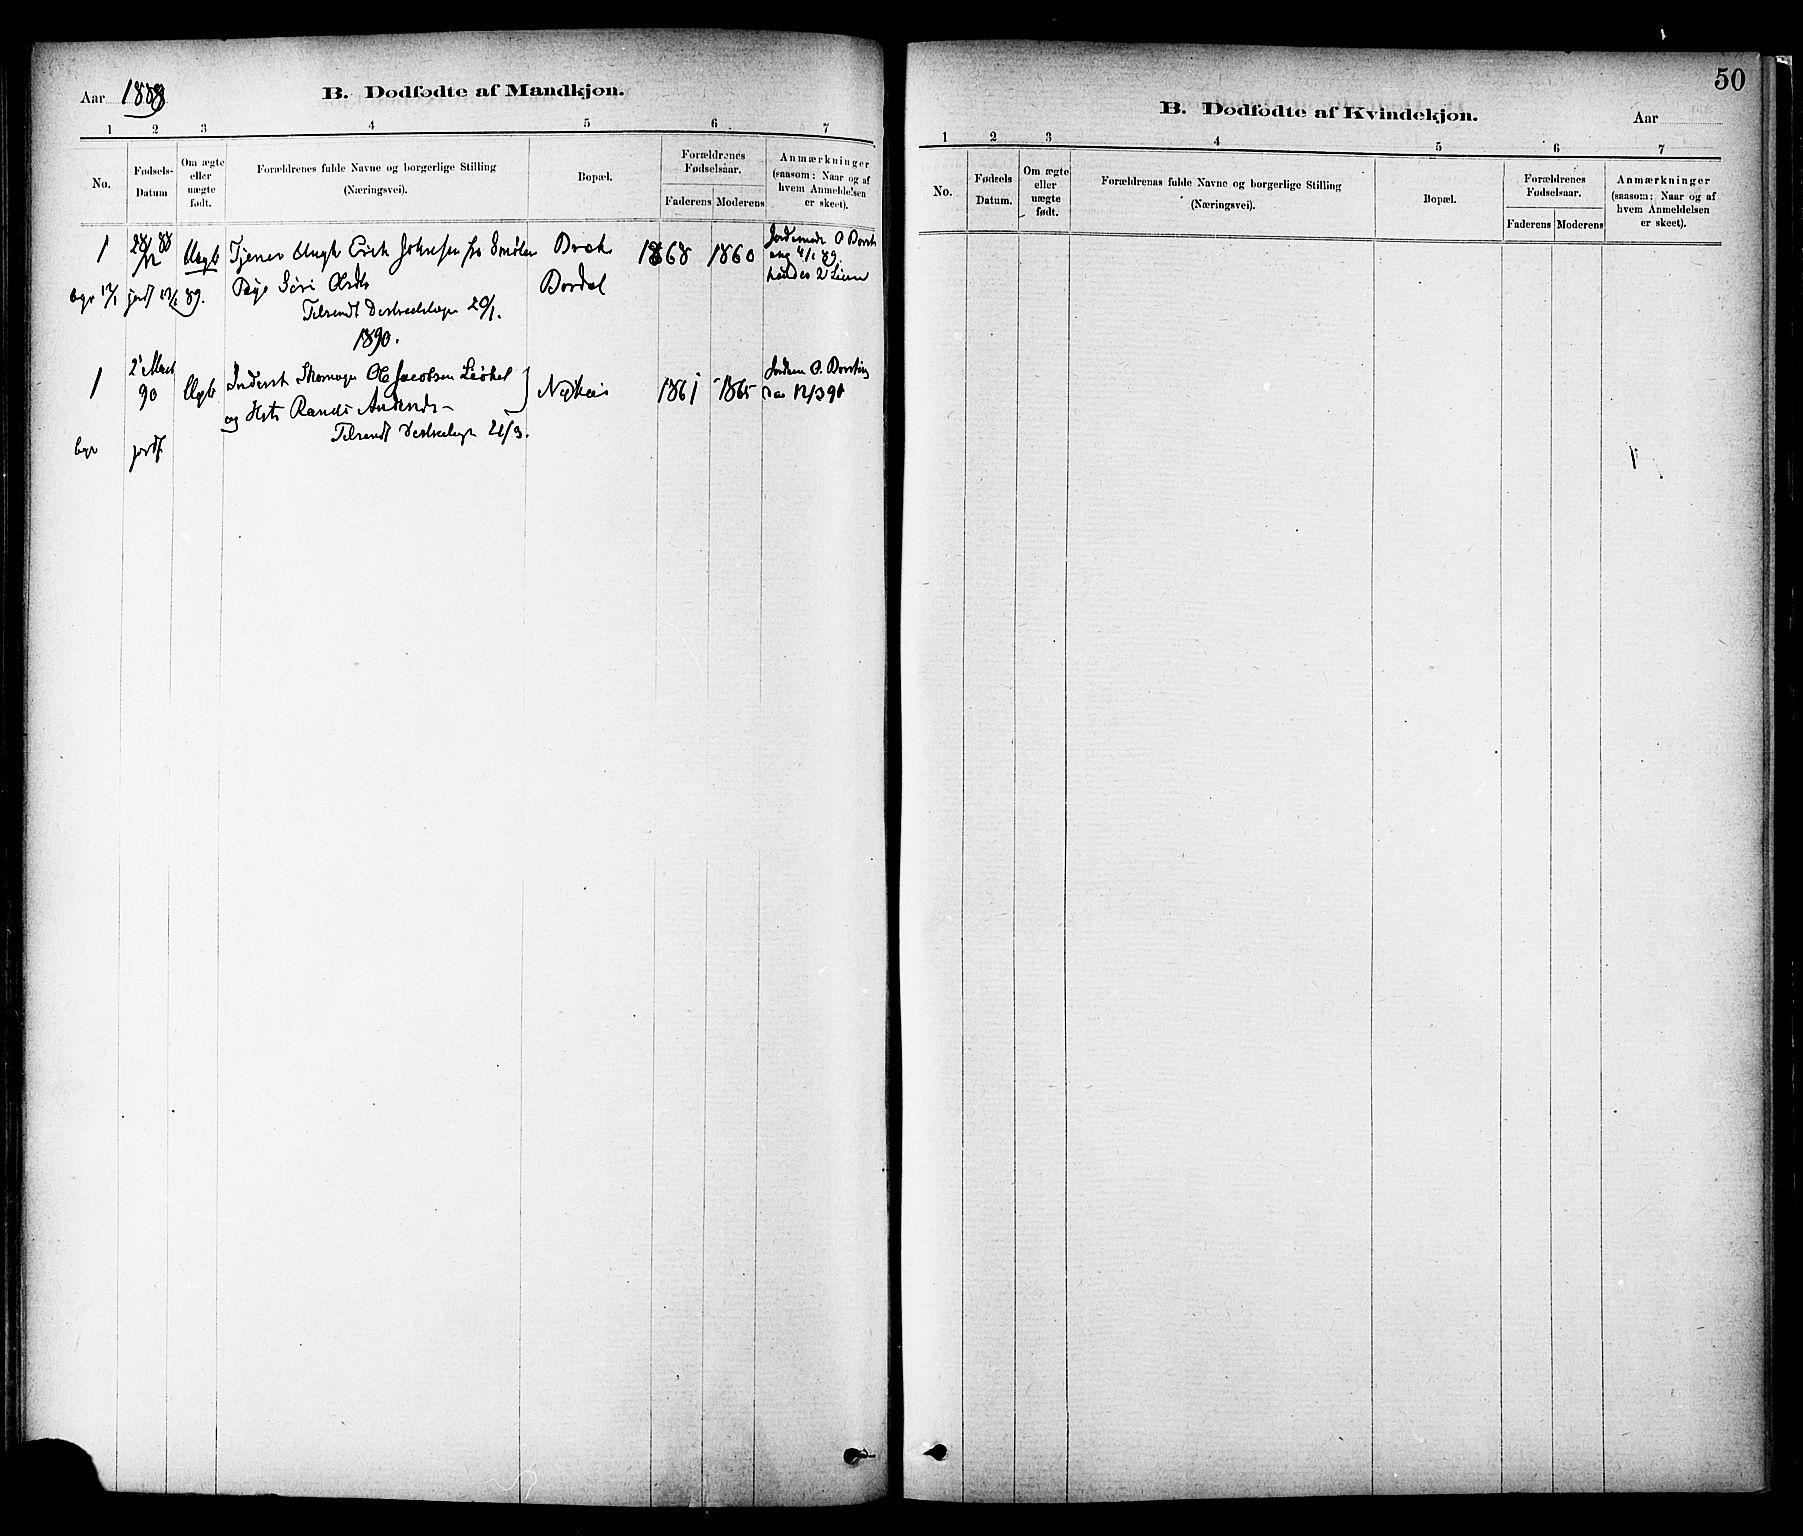 SAT, Ministerialprotokoller, klokkerbøker og fødselsregistre - Sør-Trøndelag, 689/L1040: Ministerialbok nr. 689A05, 1878-1890, s. 50